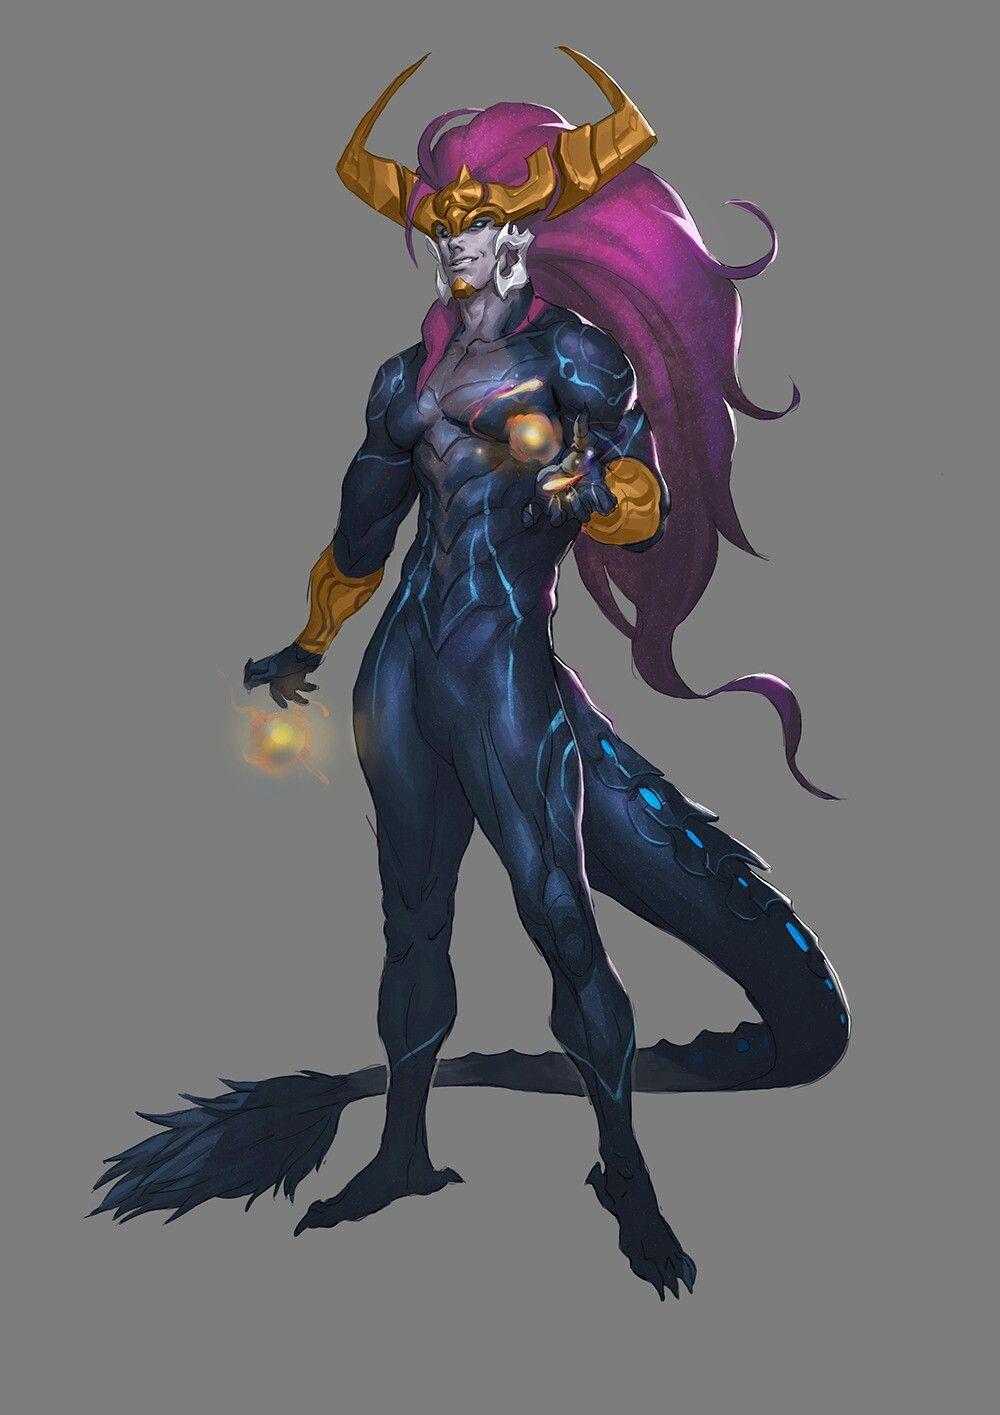 League of Legends - Aurelion Sol | Character art, Concept ...